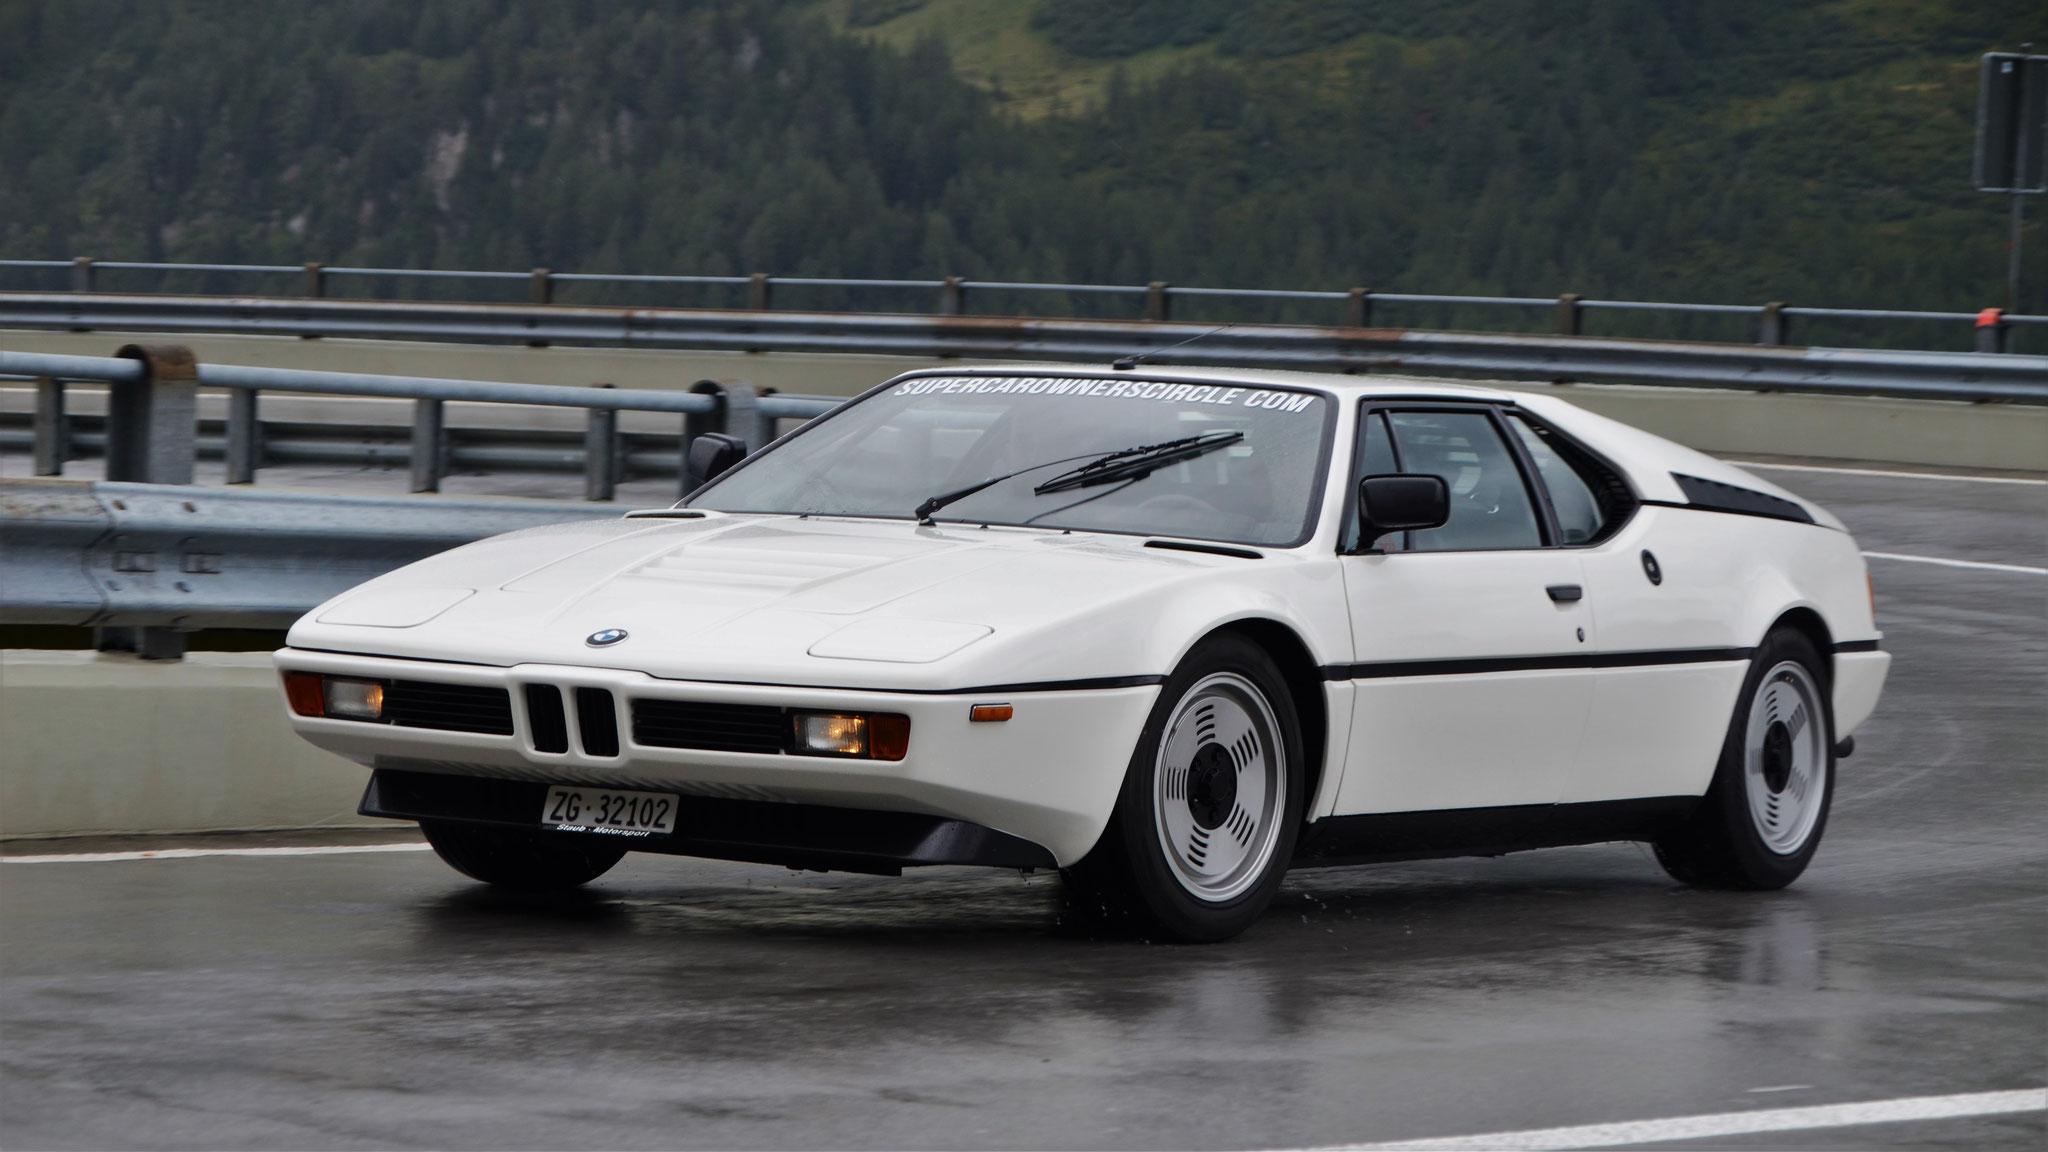 BMW M1 - ZG-32102 (CH)